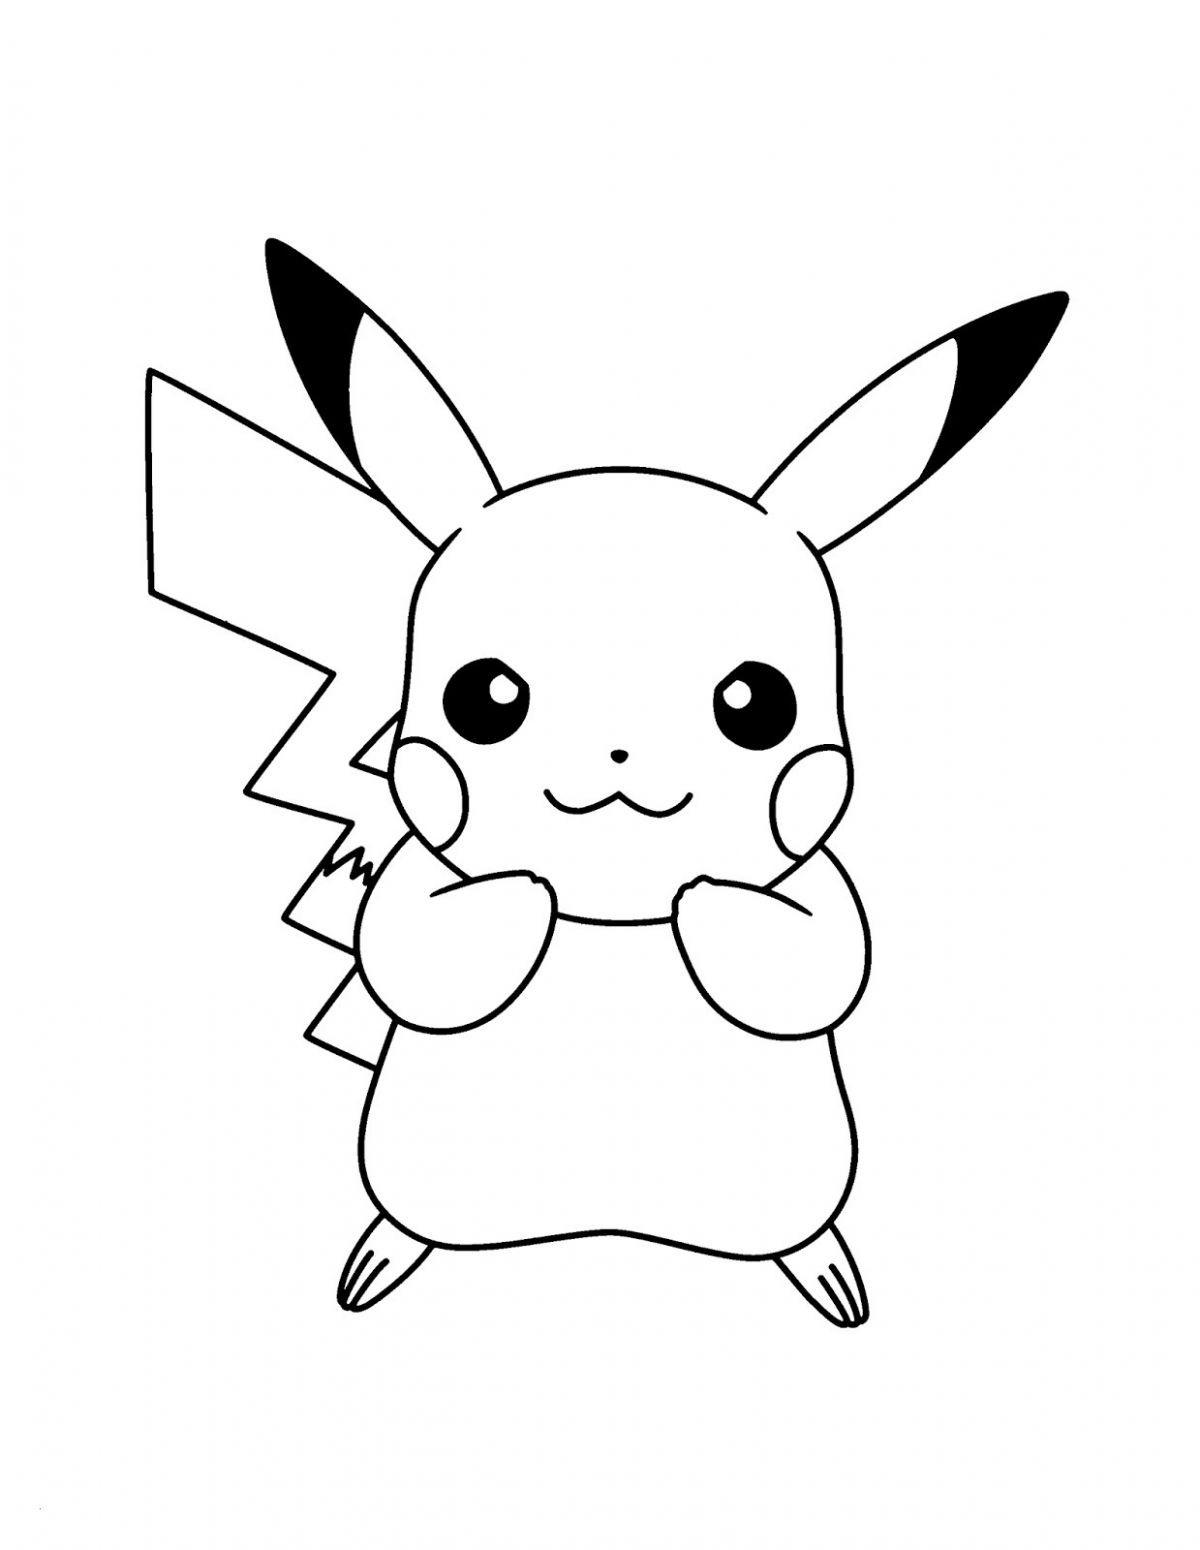 Pokemon Bilder Zum Ausdrucken In Farbe Frisch Malvorlagen Fussball Awesome Pikachu Ausmalbild Pokemon Pinterest Fotografieren